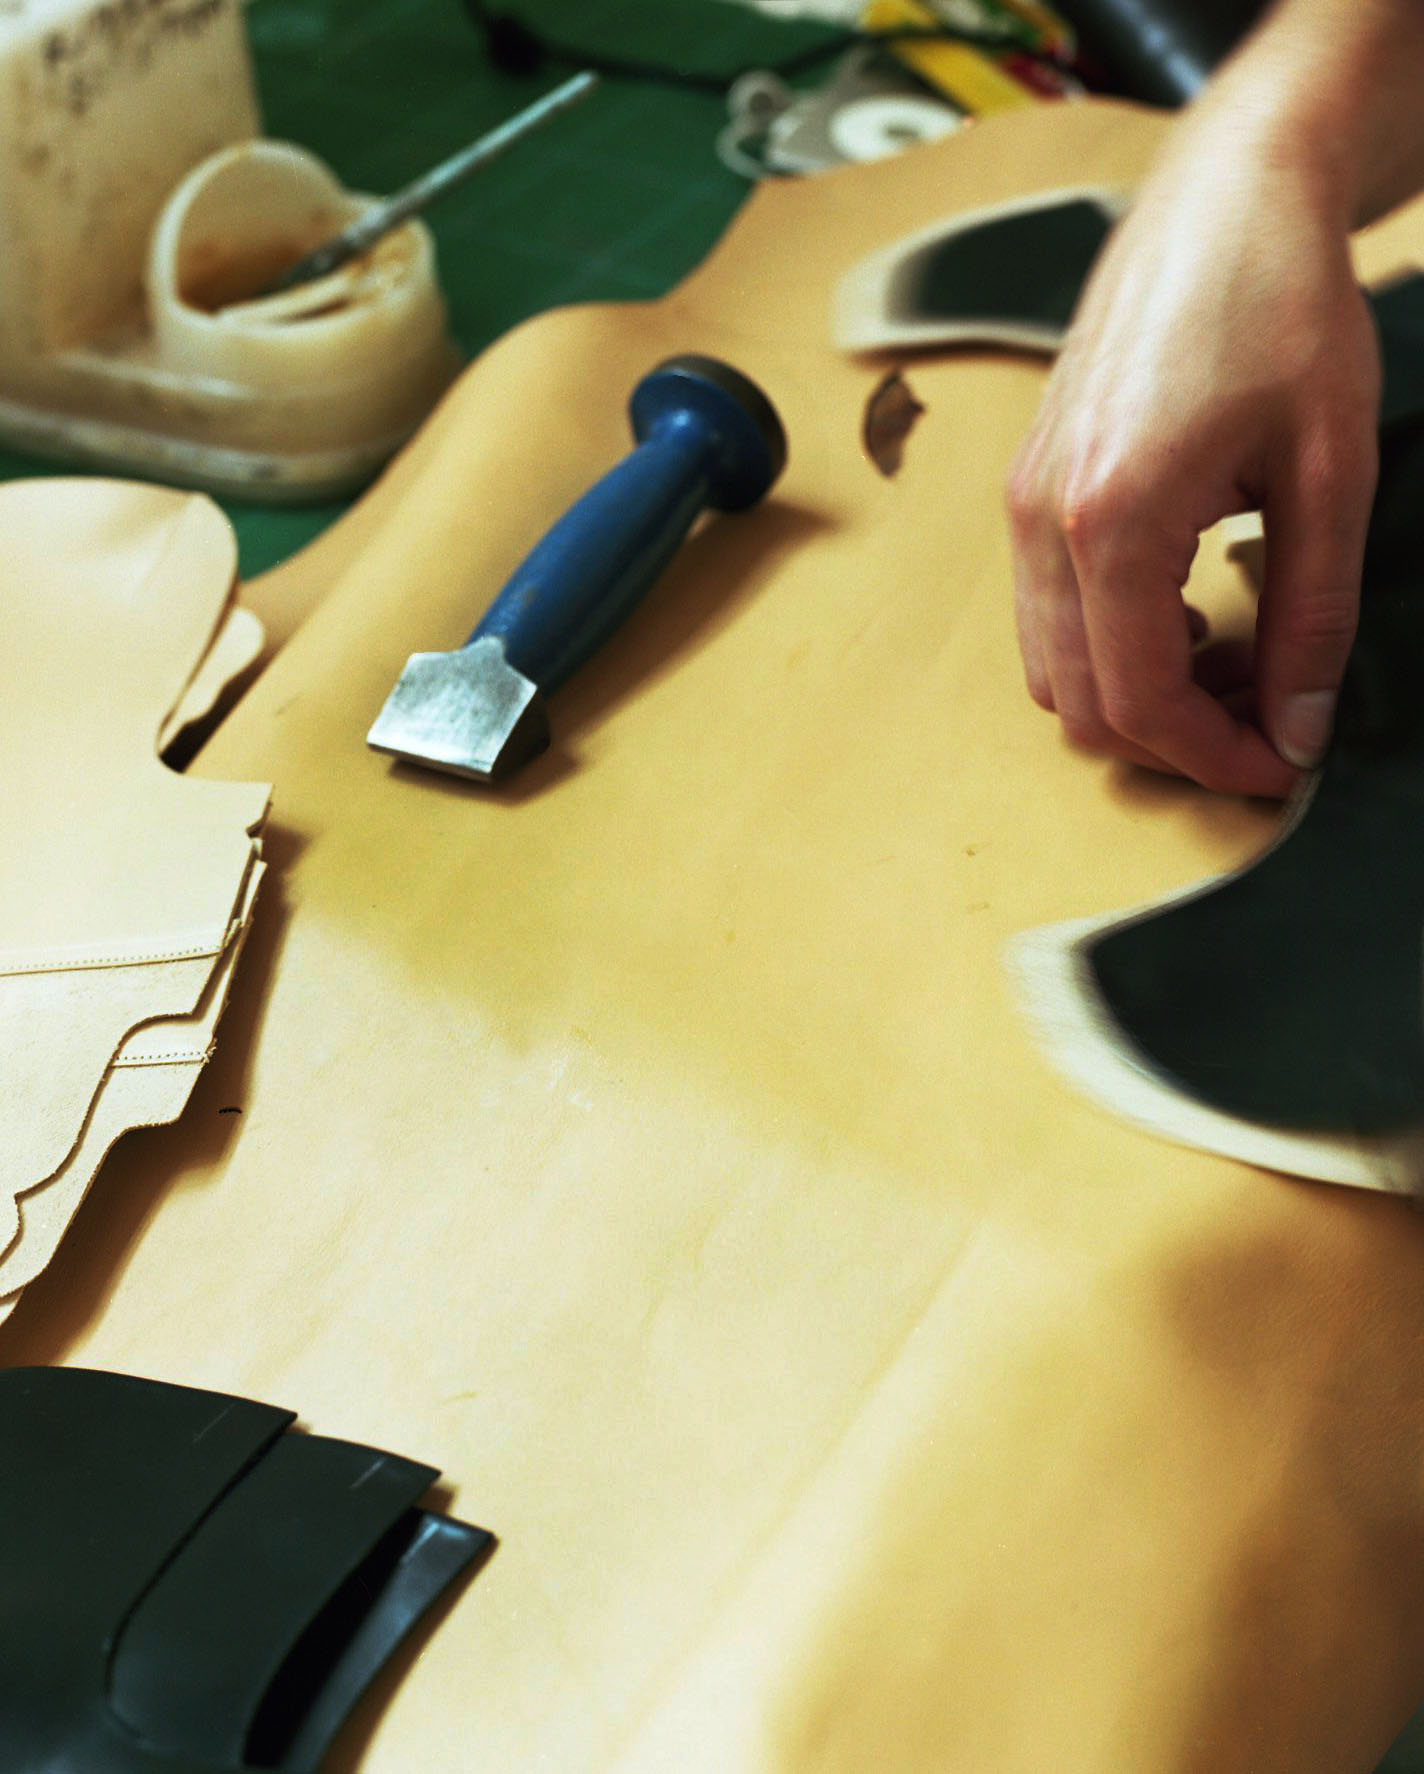 Clicking - Handmade shoes